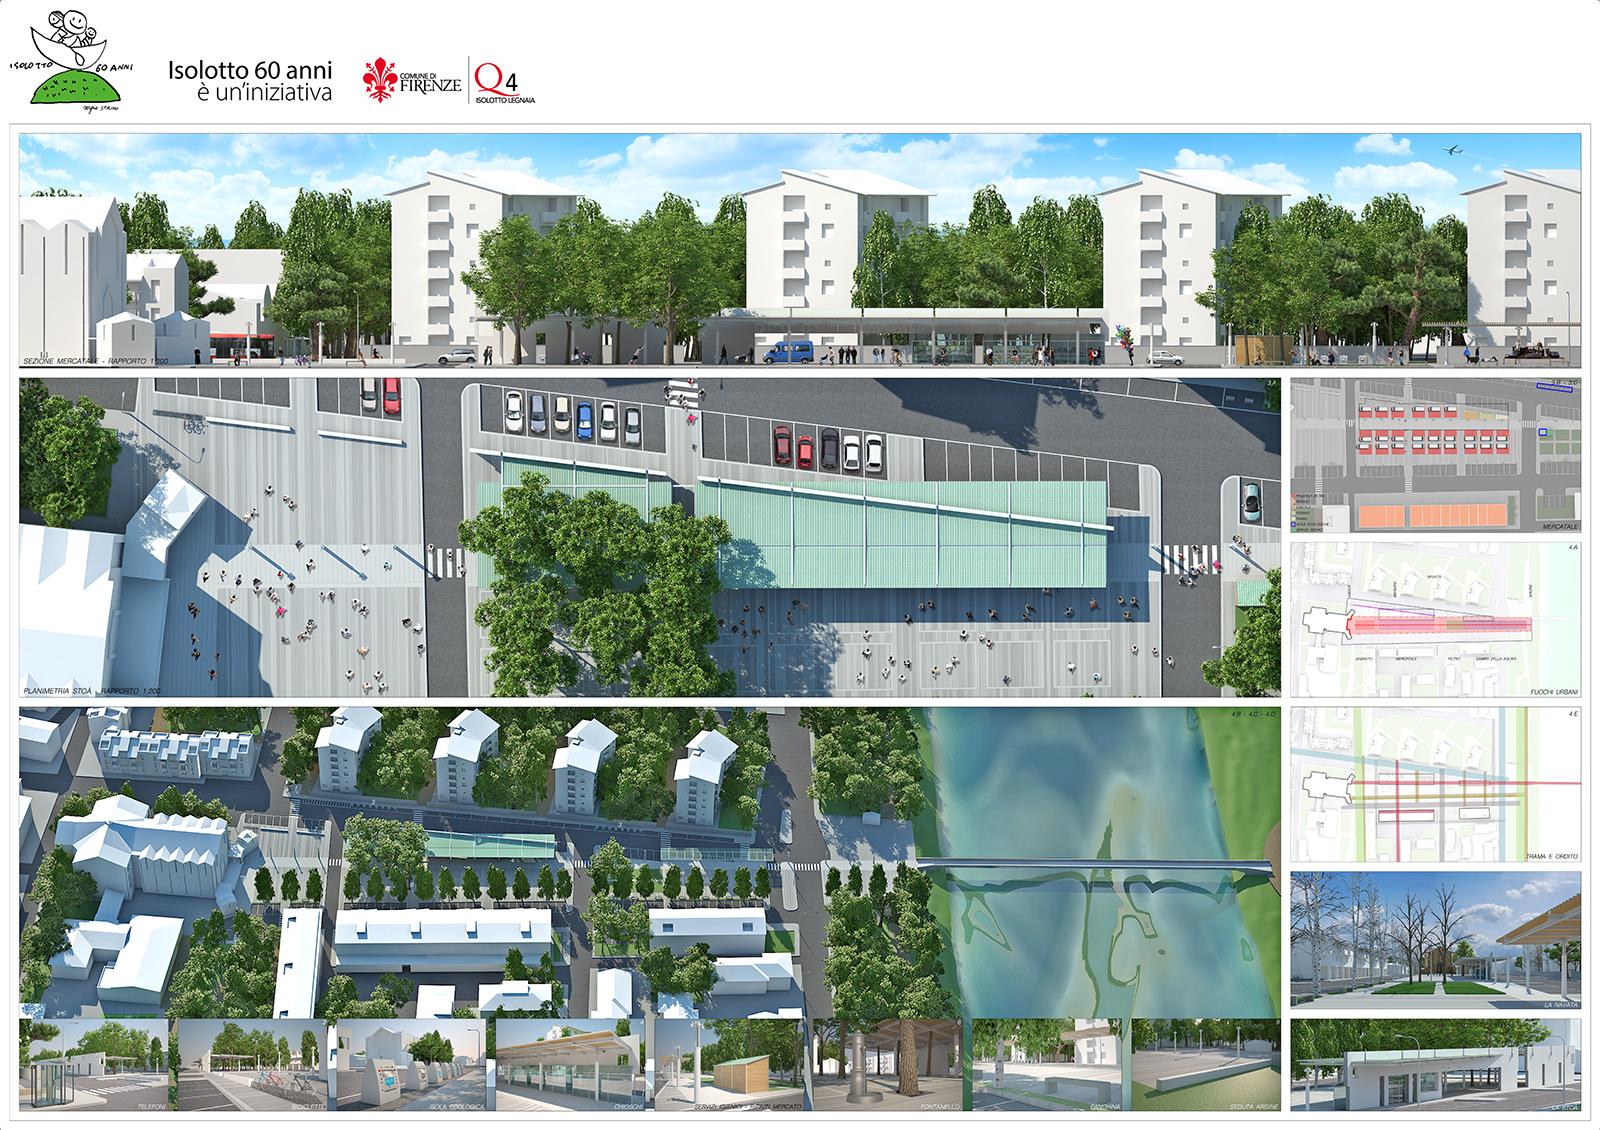 Studio architettura firenze concorso piazza isolotto 5 - Tavola valdese progetti approvati 2015 ...